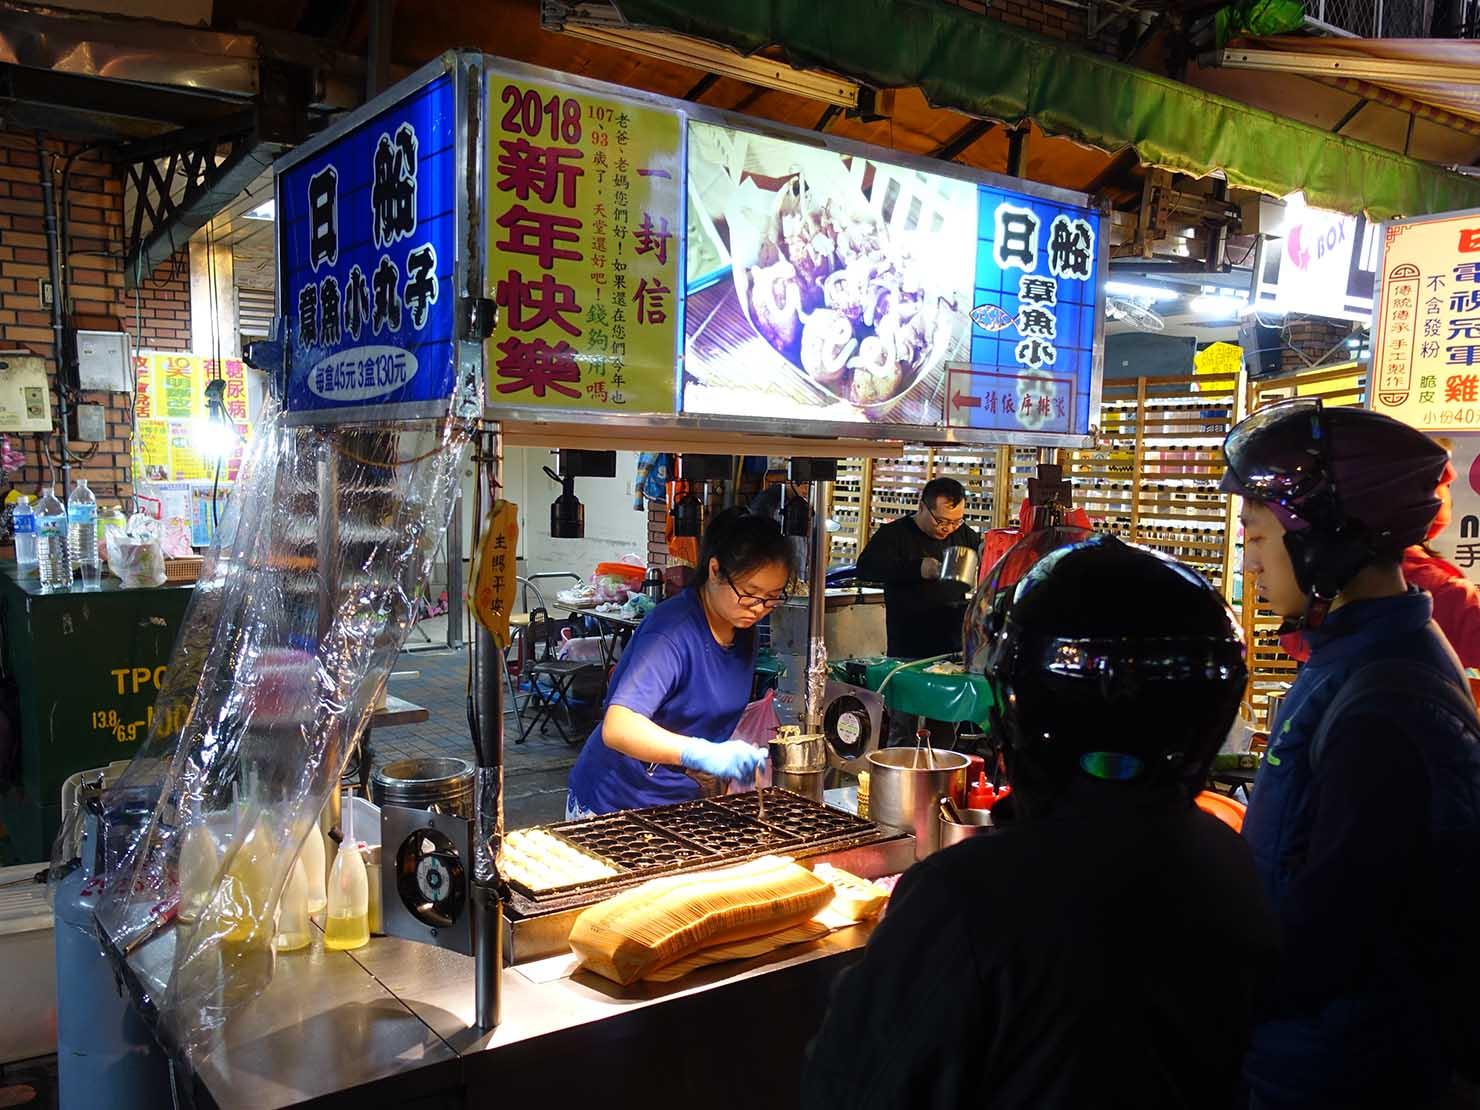 台湾の夜市で食べられる日本グルメ「章魚燒(たこ焼き)」の屋台